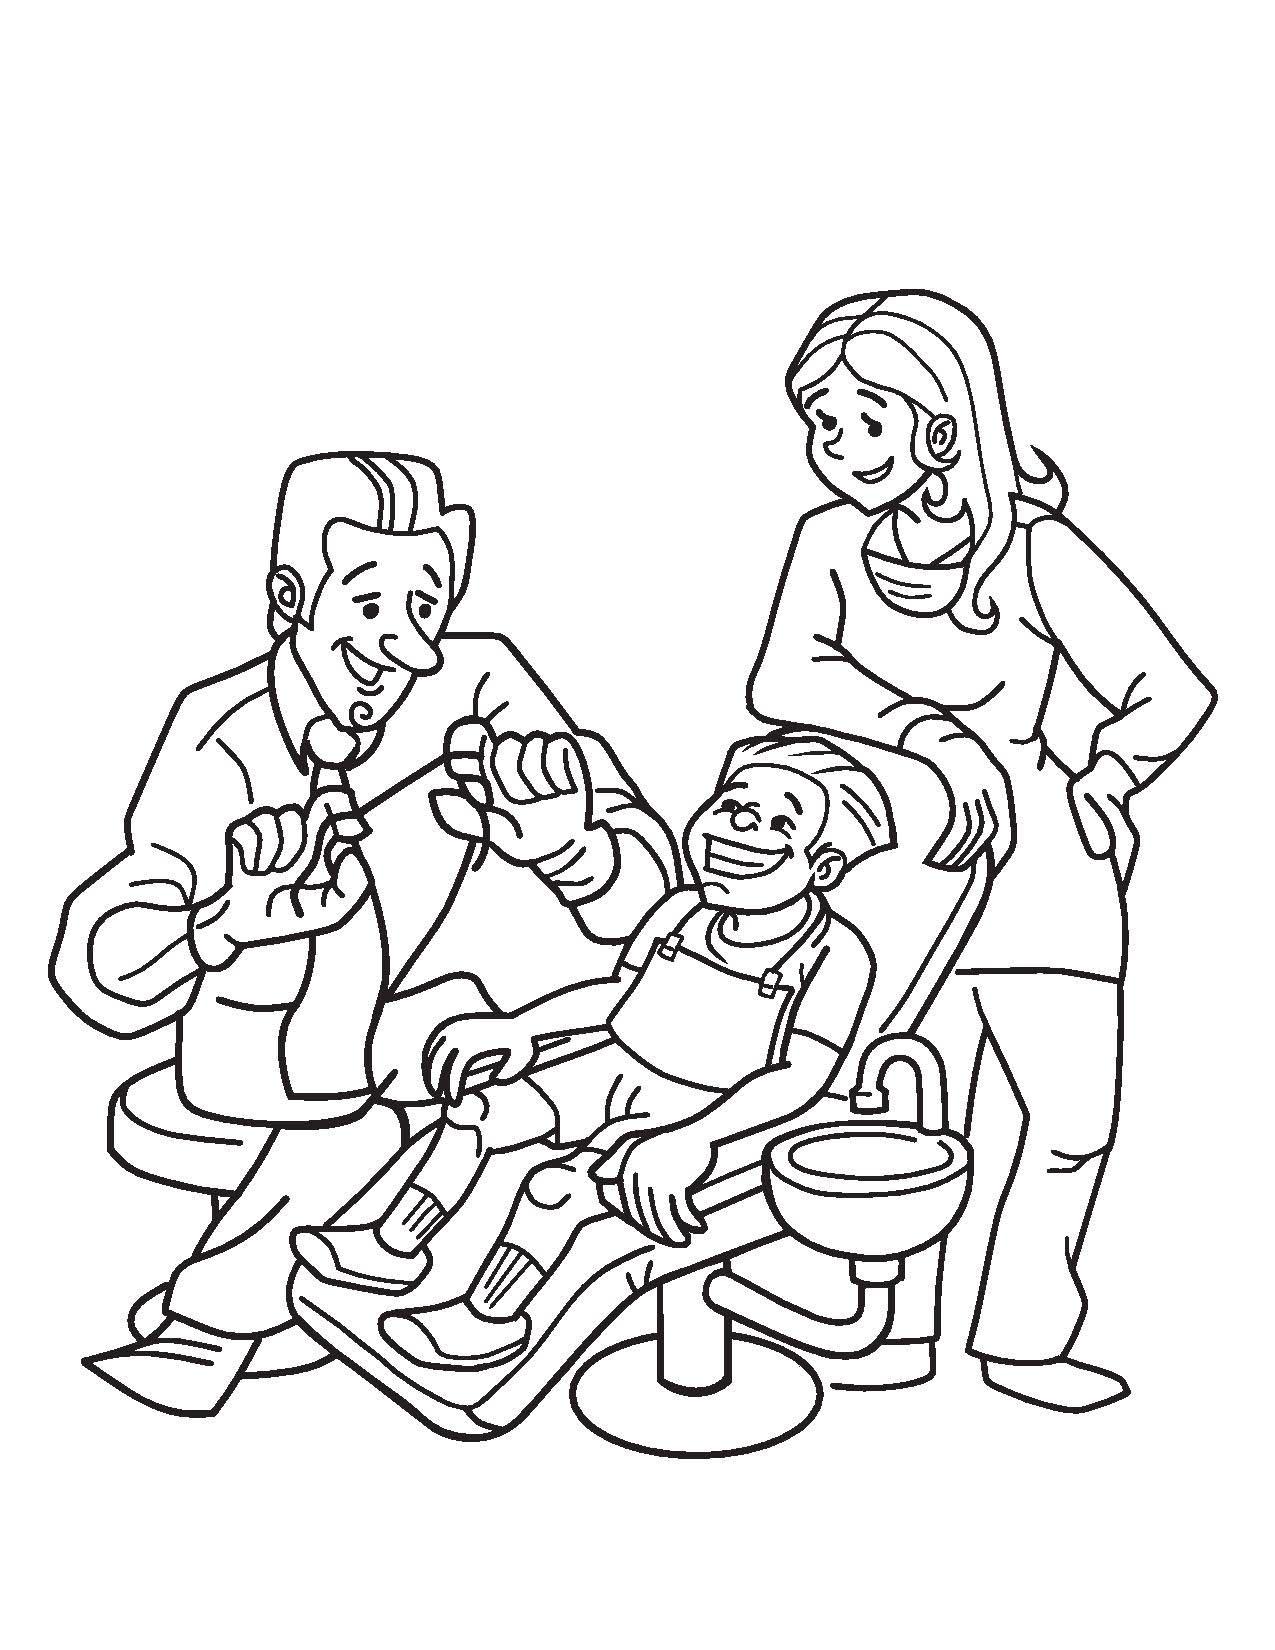 Desenho De Menino Tratando De Dentes Para Colorir